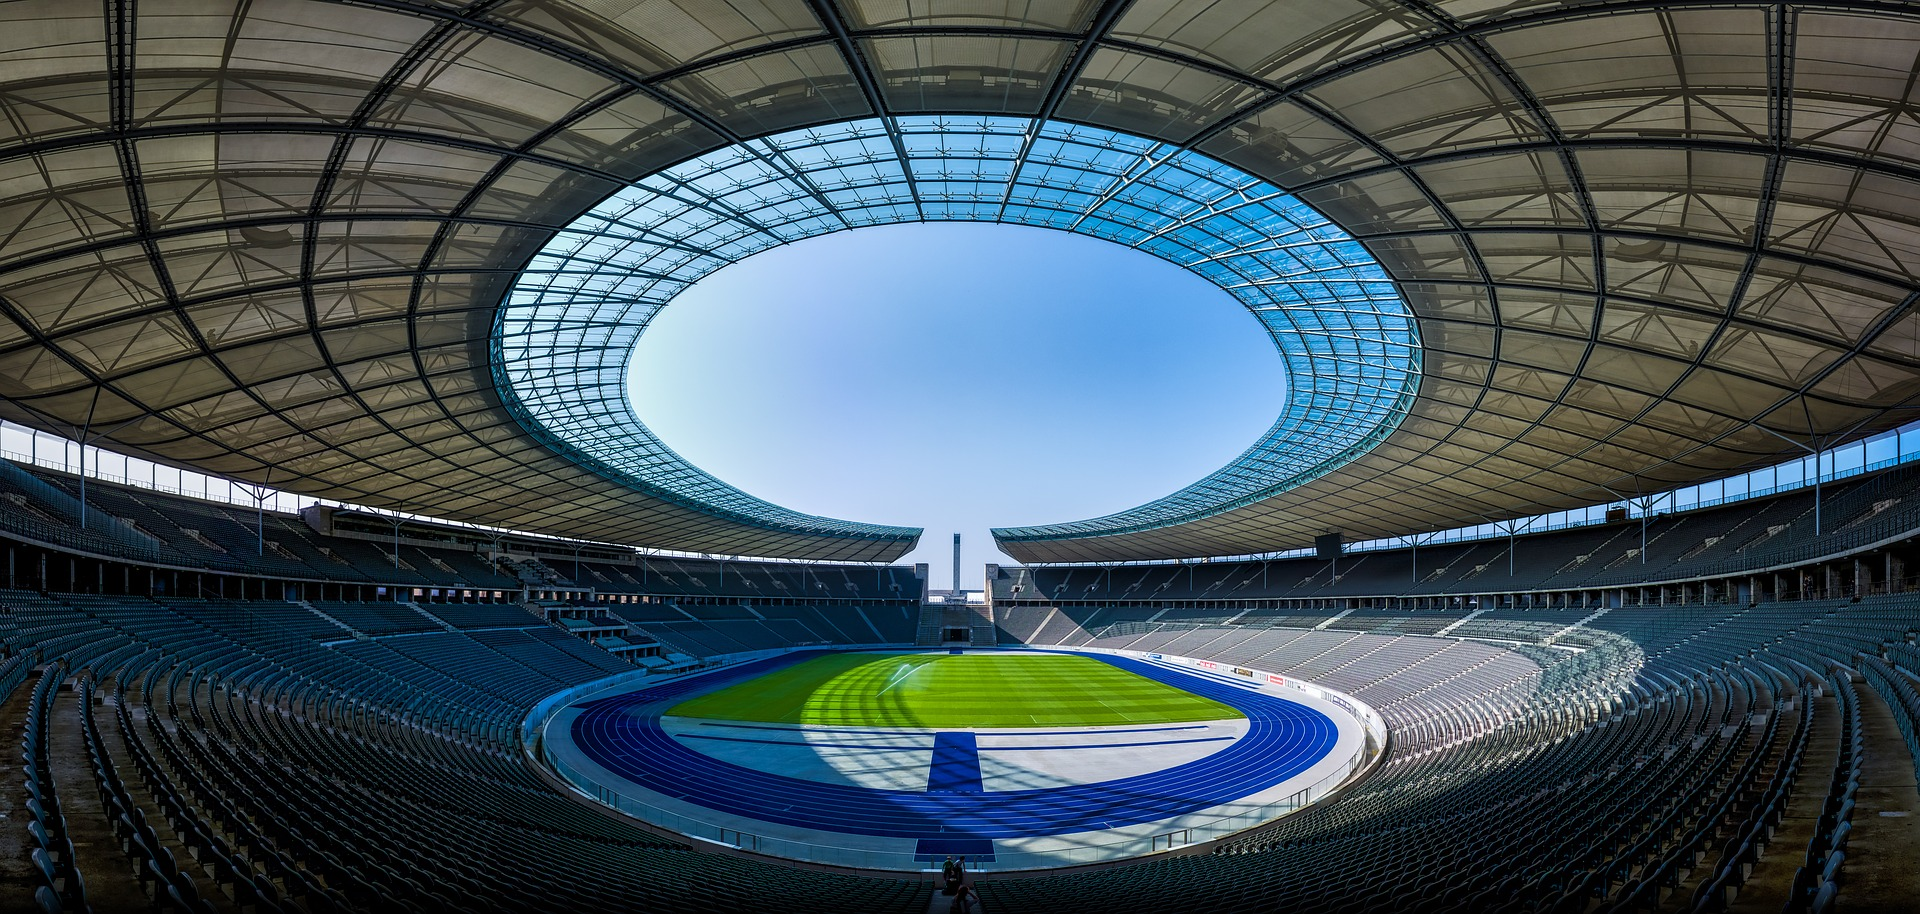 stadium architecture